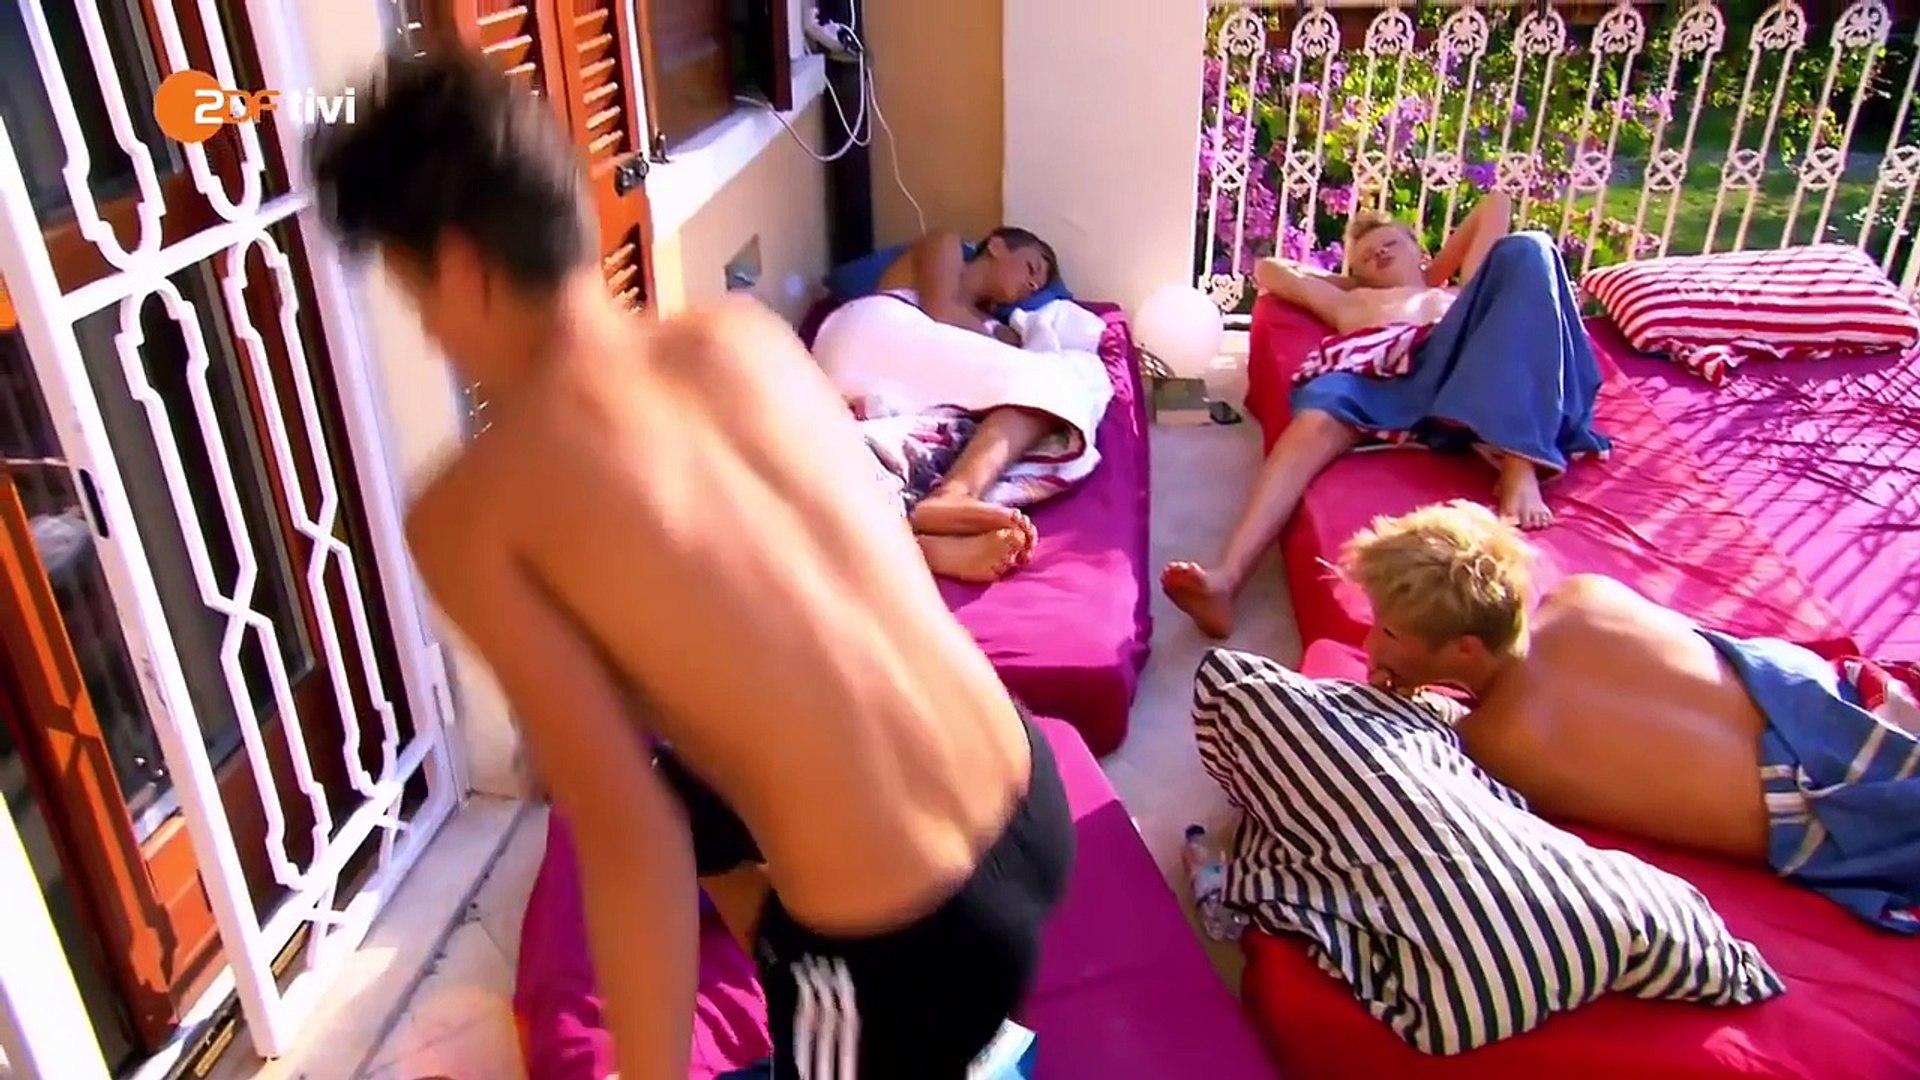 Jungs nackt die wg Nacktheit in